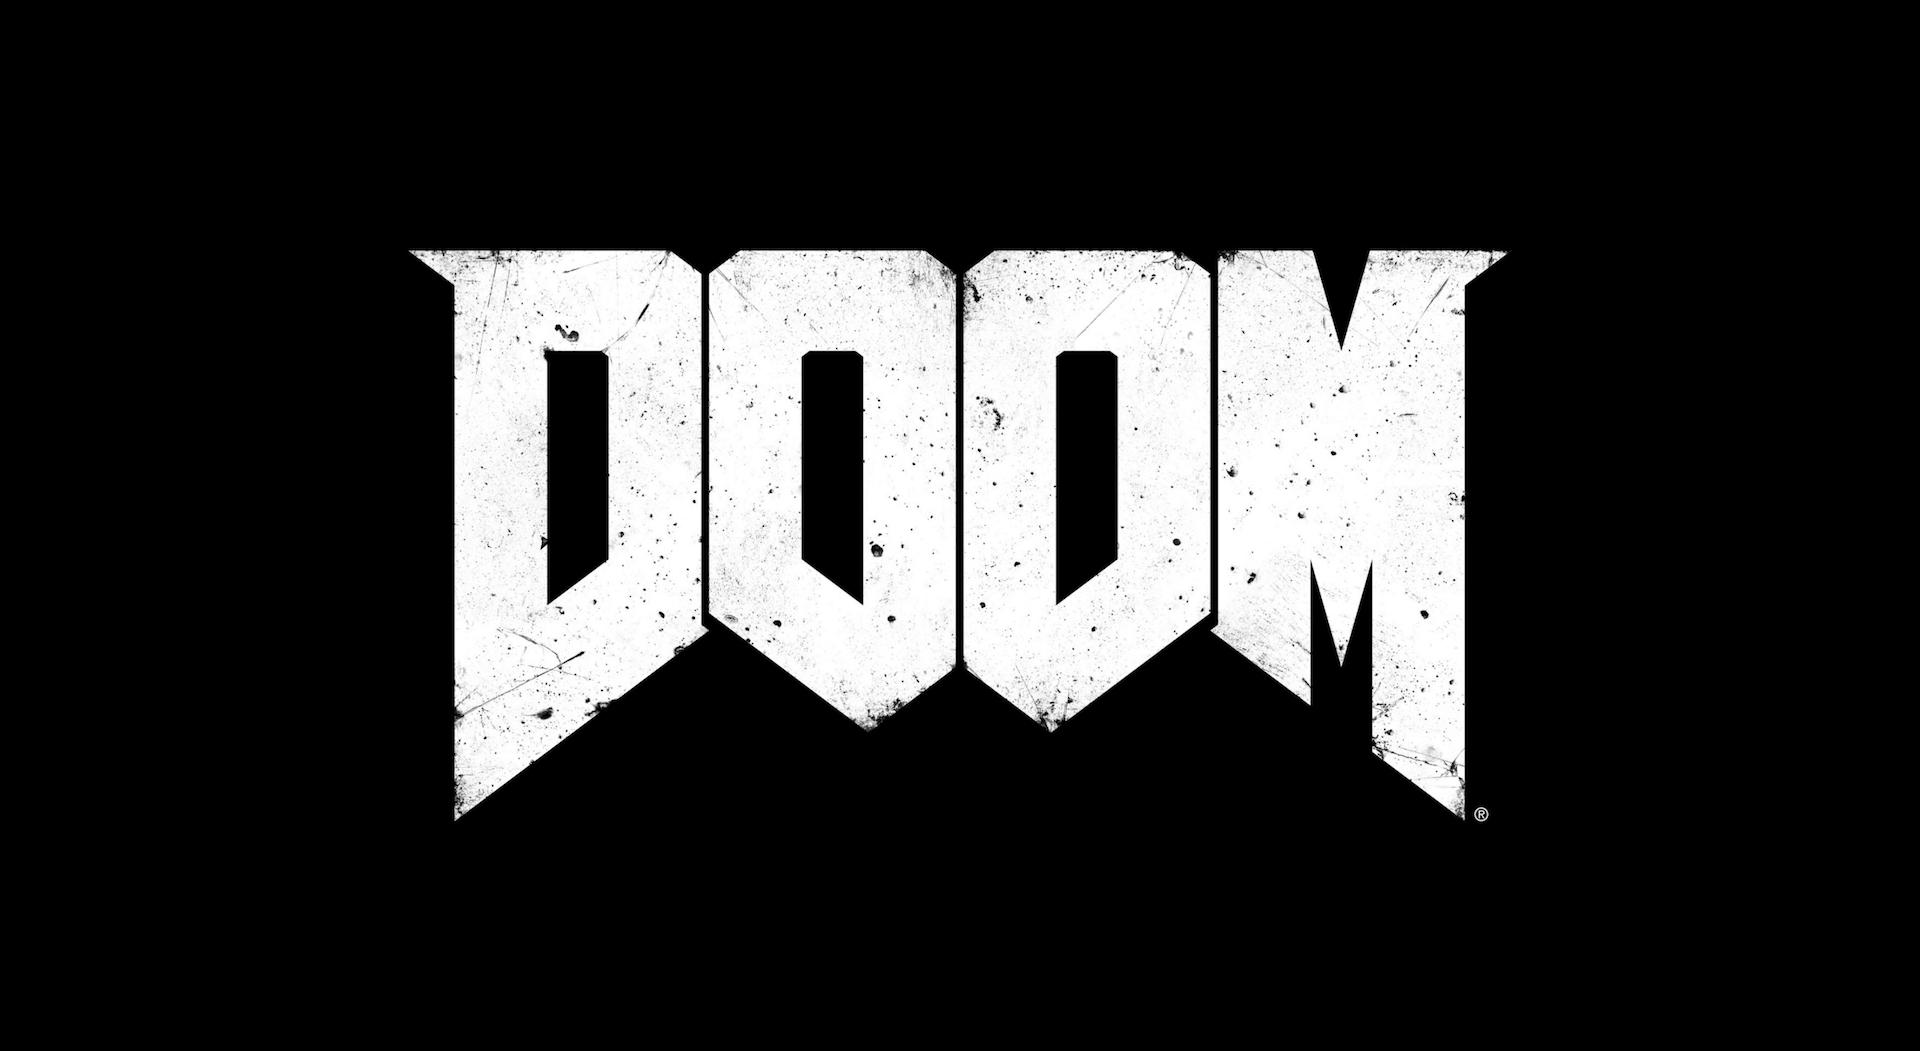 کالکشن DOOM Slayers برای نینتندو سوییچ